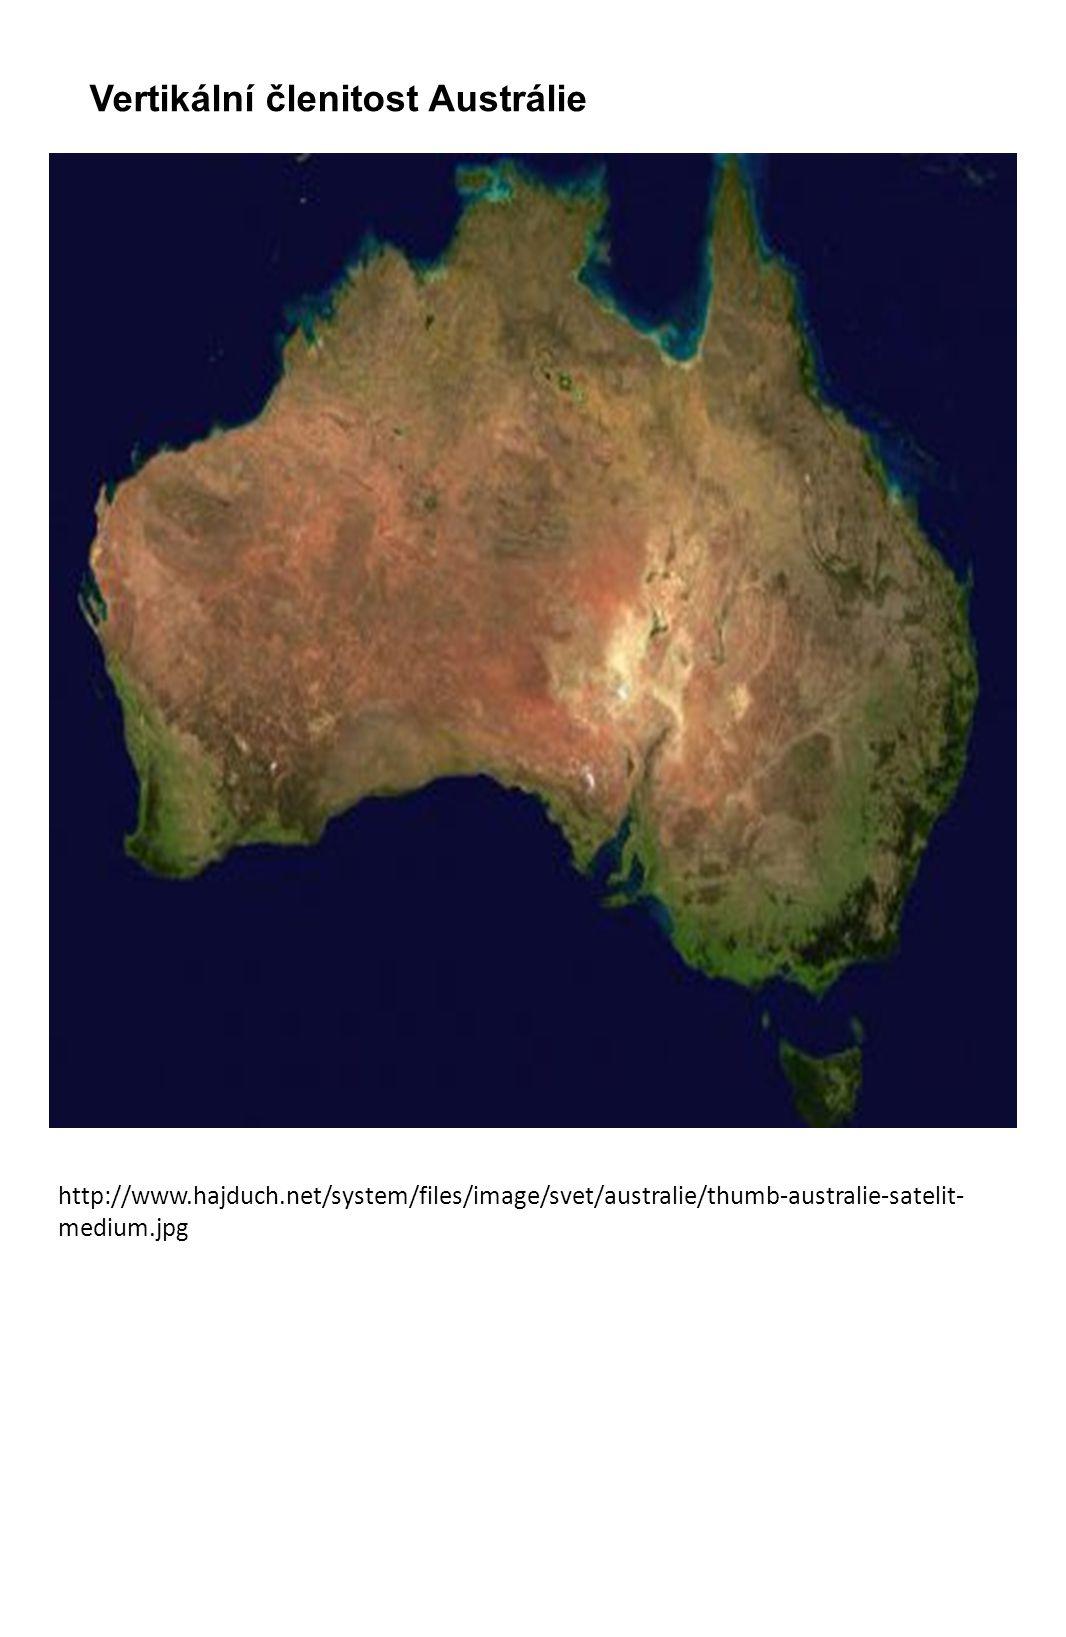 Austrálie - malá vertikální členitost POVRCH 3 celky: 1.Západoaustralská tabule = Australský štít území charakterizujte z hlediska stáří vyhledejte názvy pouští a pohoří této oblasti 2.